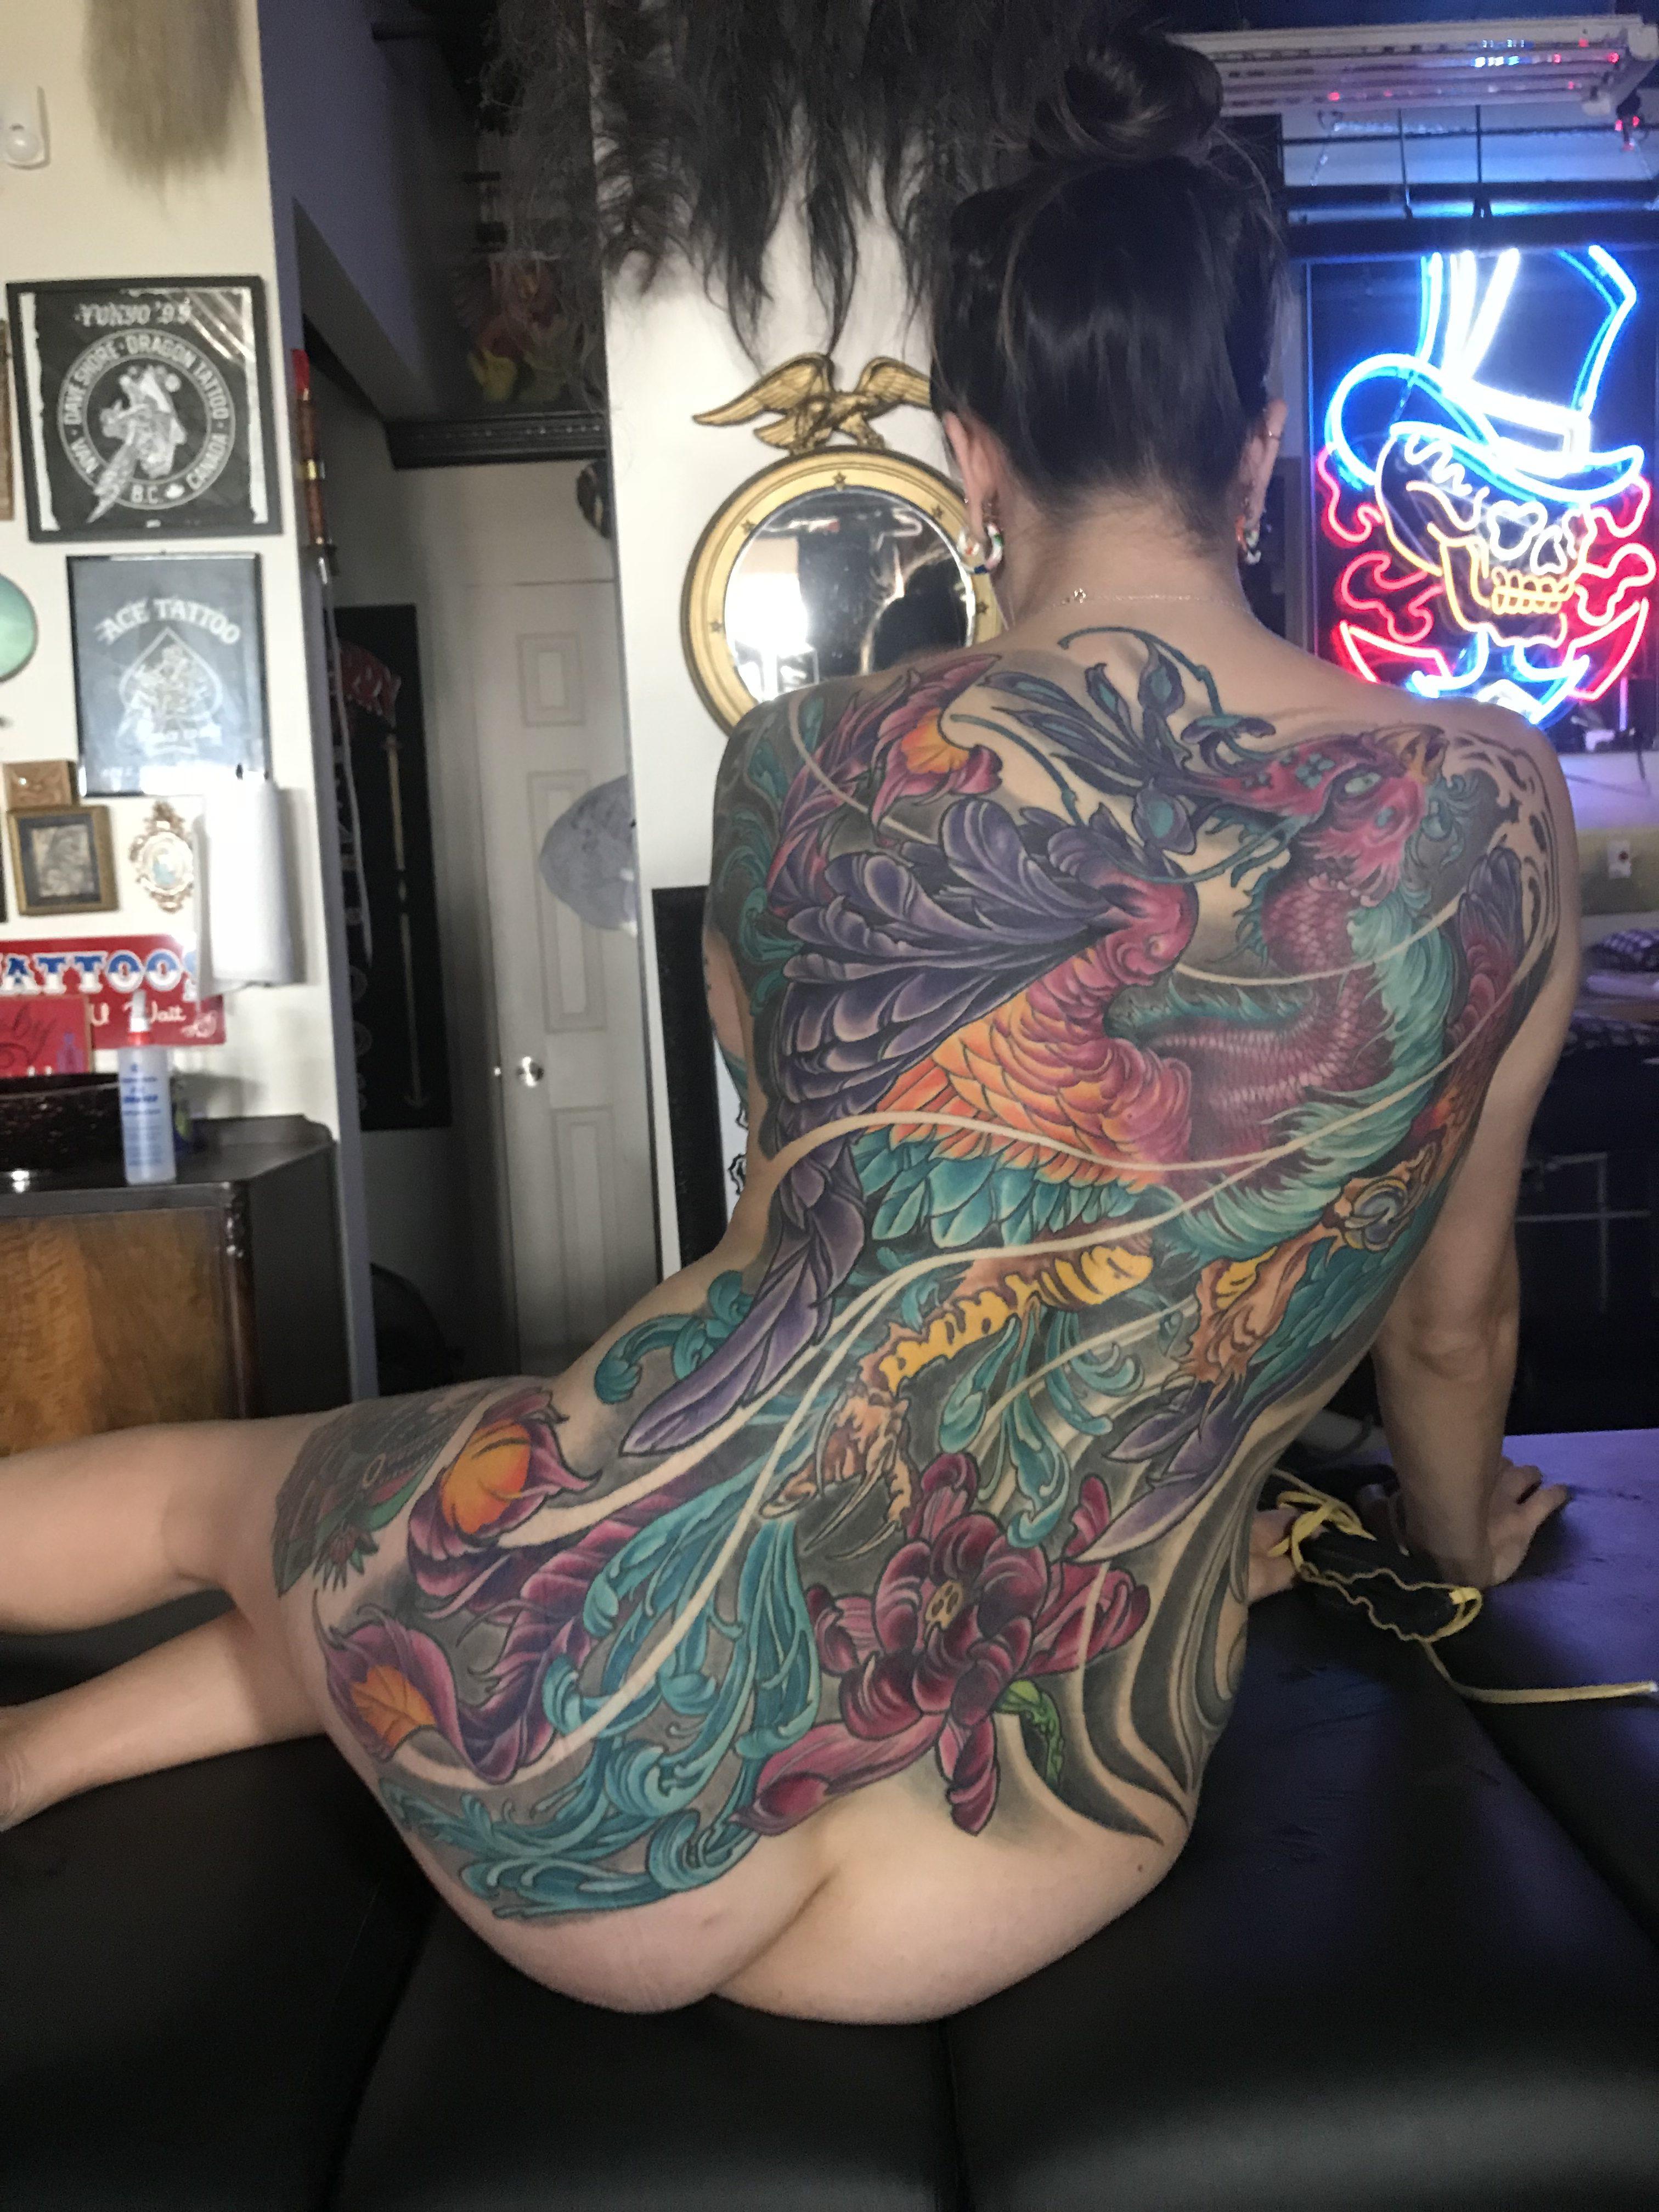 clint danroth Tattoo 2019 Okanagan Tattoo Show & Brewfest Artist